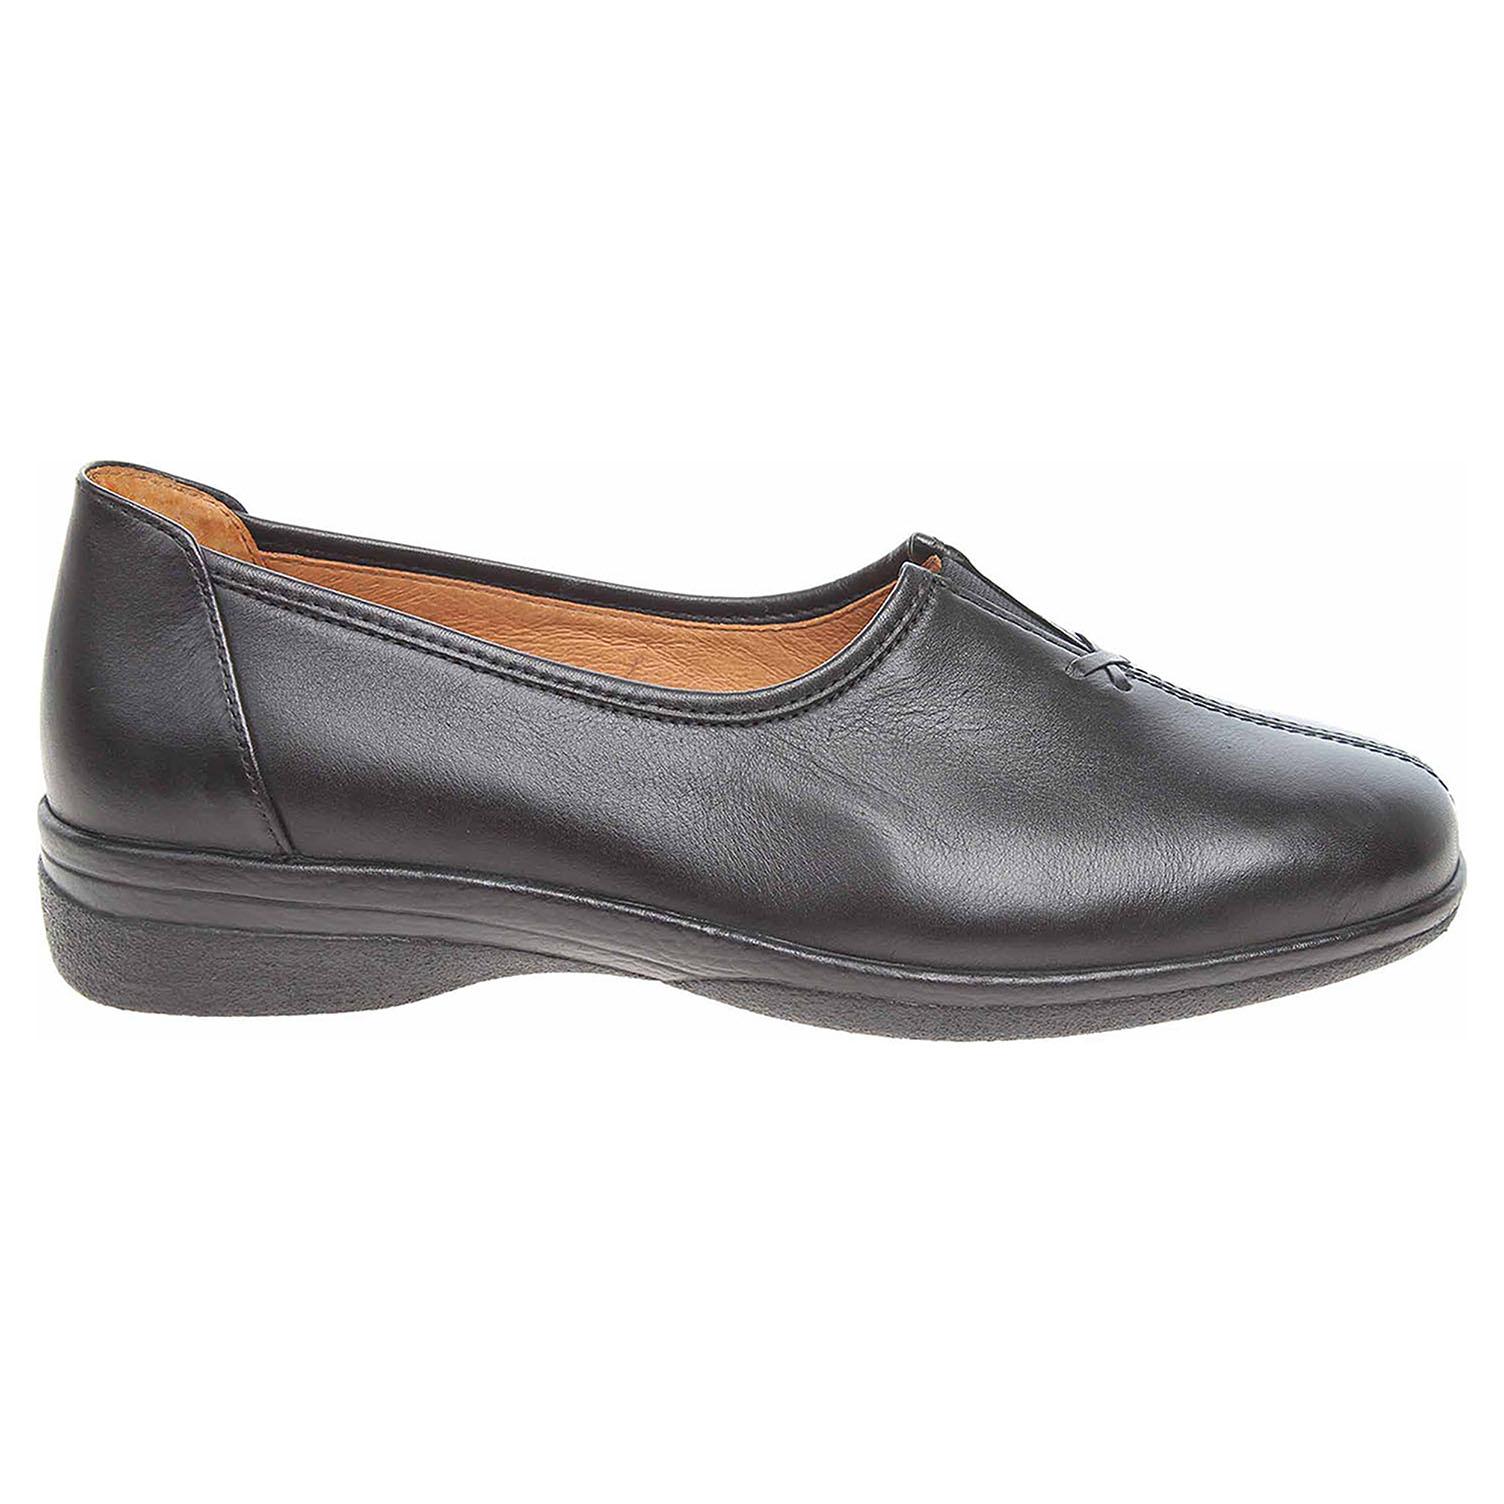 b6cde3263 Gabor dámské mokasiny 76.033.57 černé | REJNOK obuv